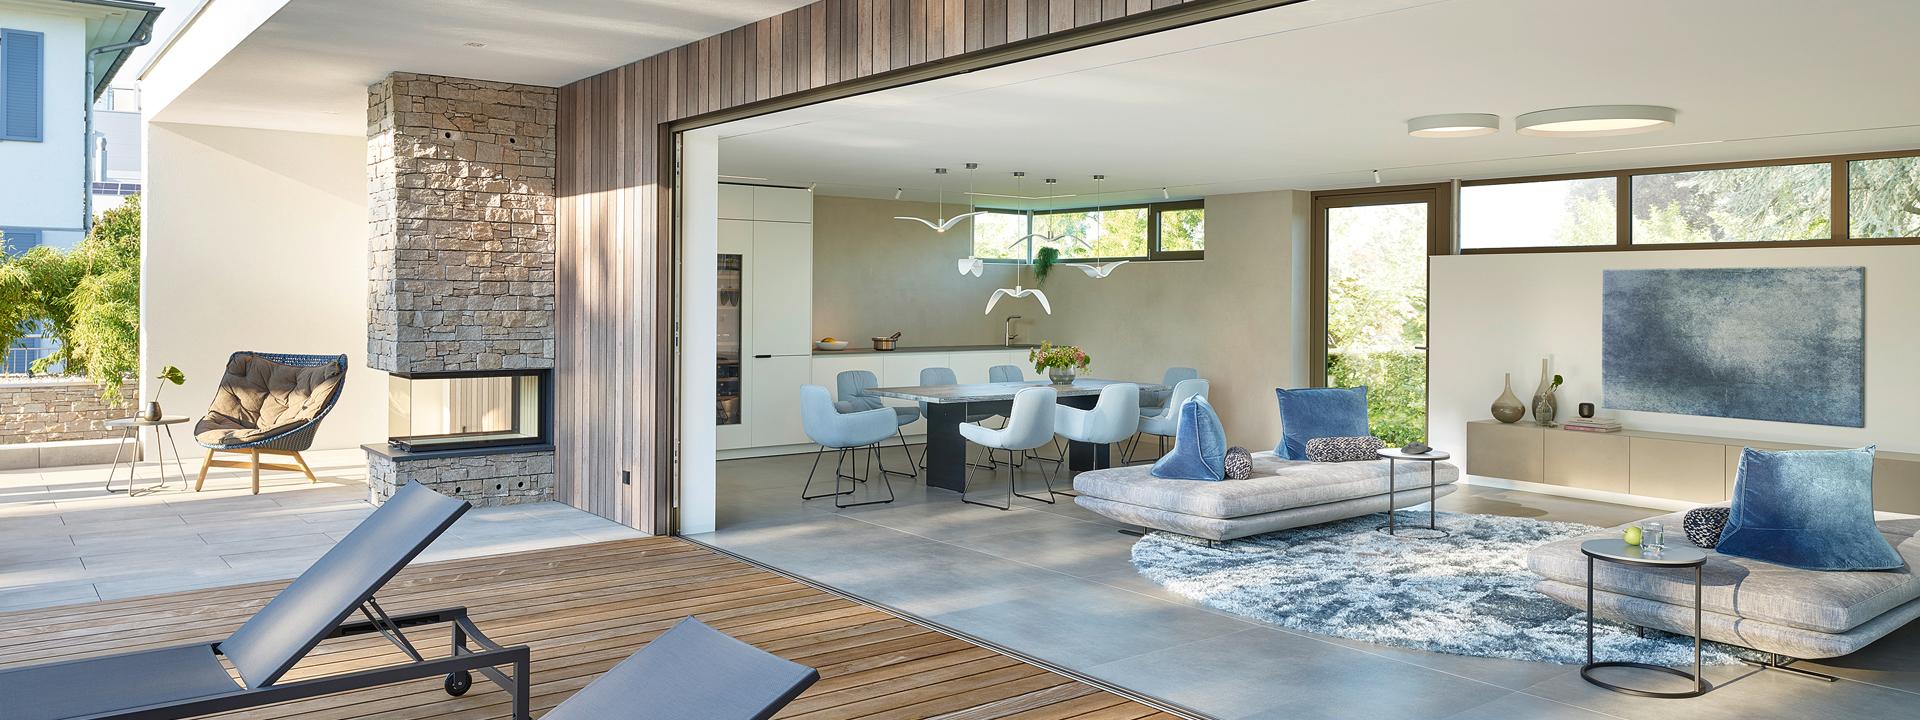 Innenarchitektur und Design Möbel in Linz   HOFLEHNER Interiors